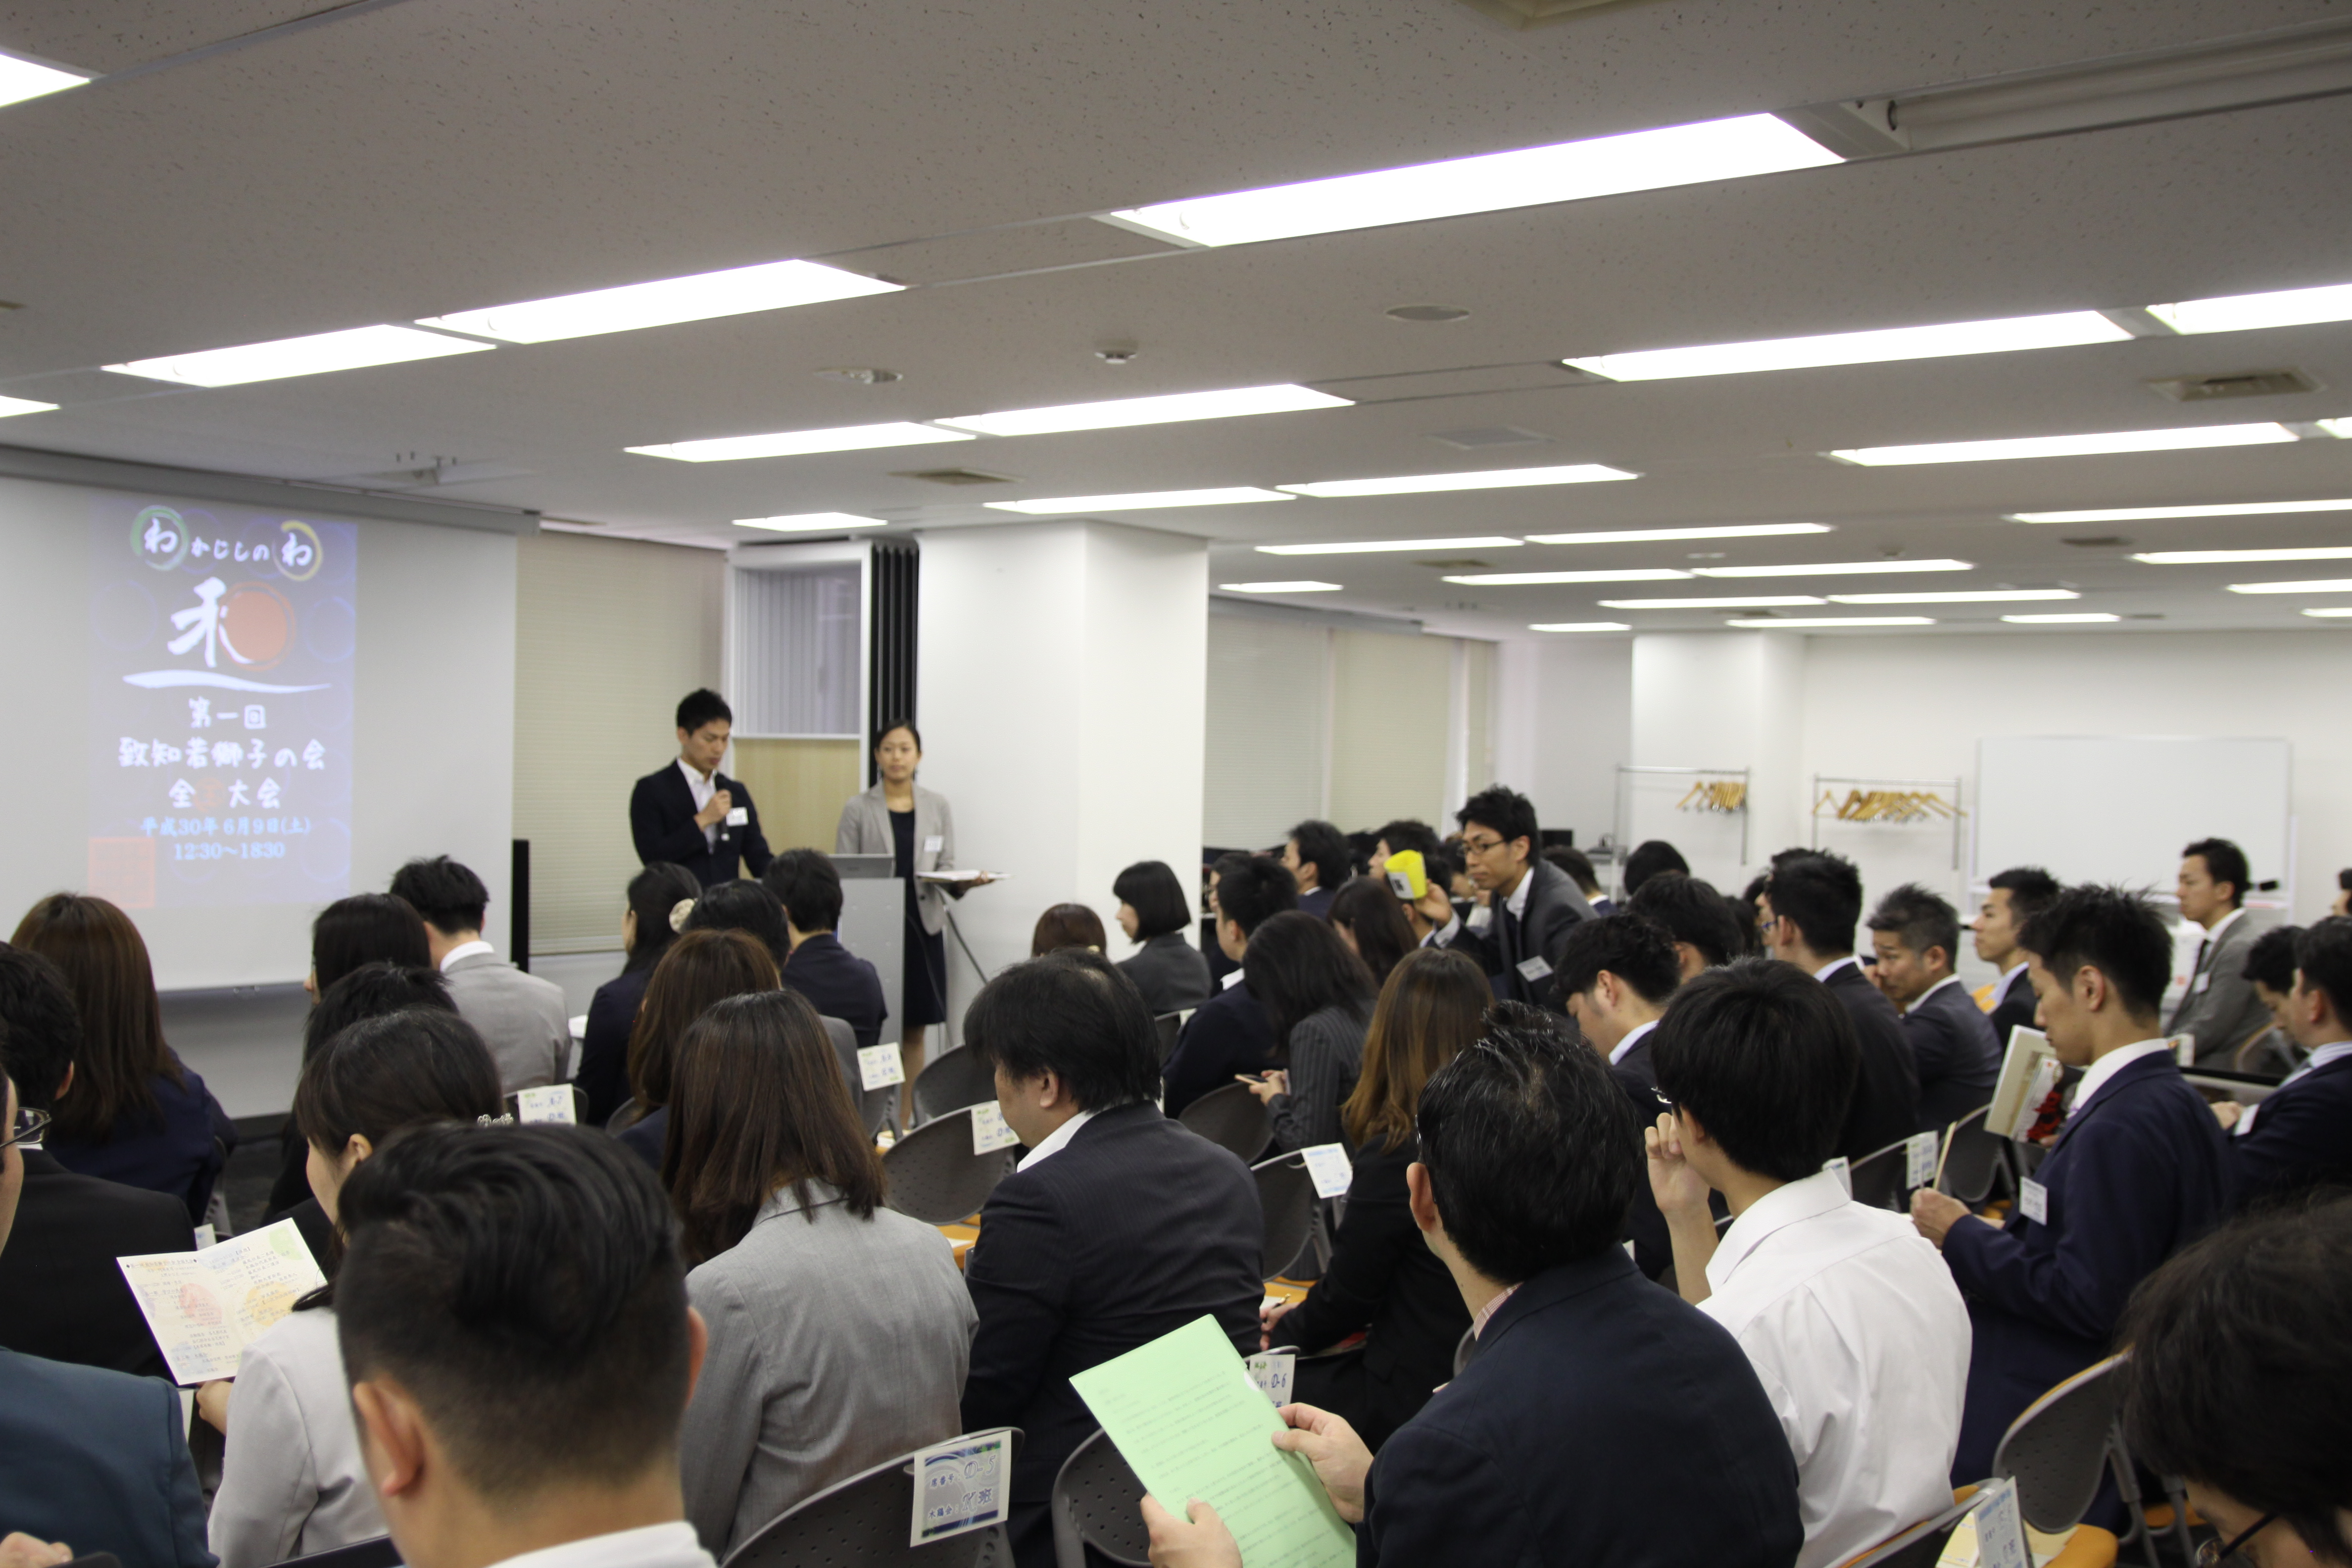 IMG 4520 - 関東若獅子の会、記念すべき第100回